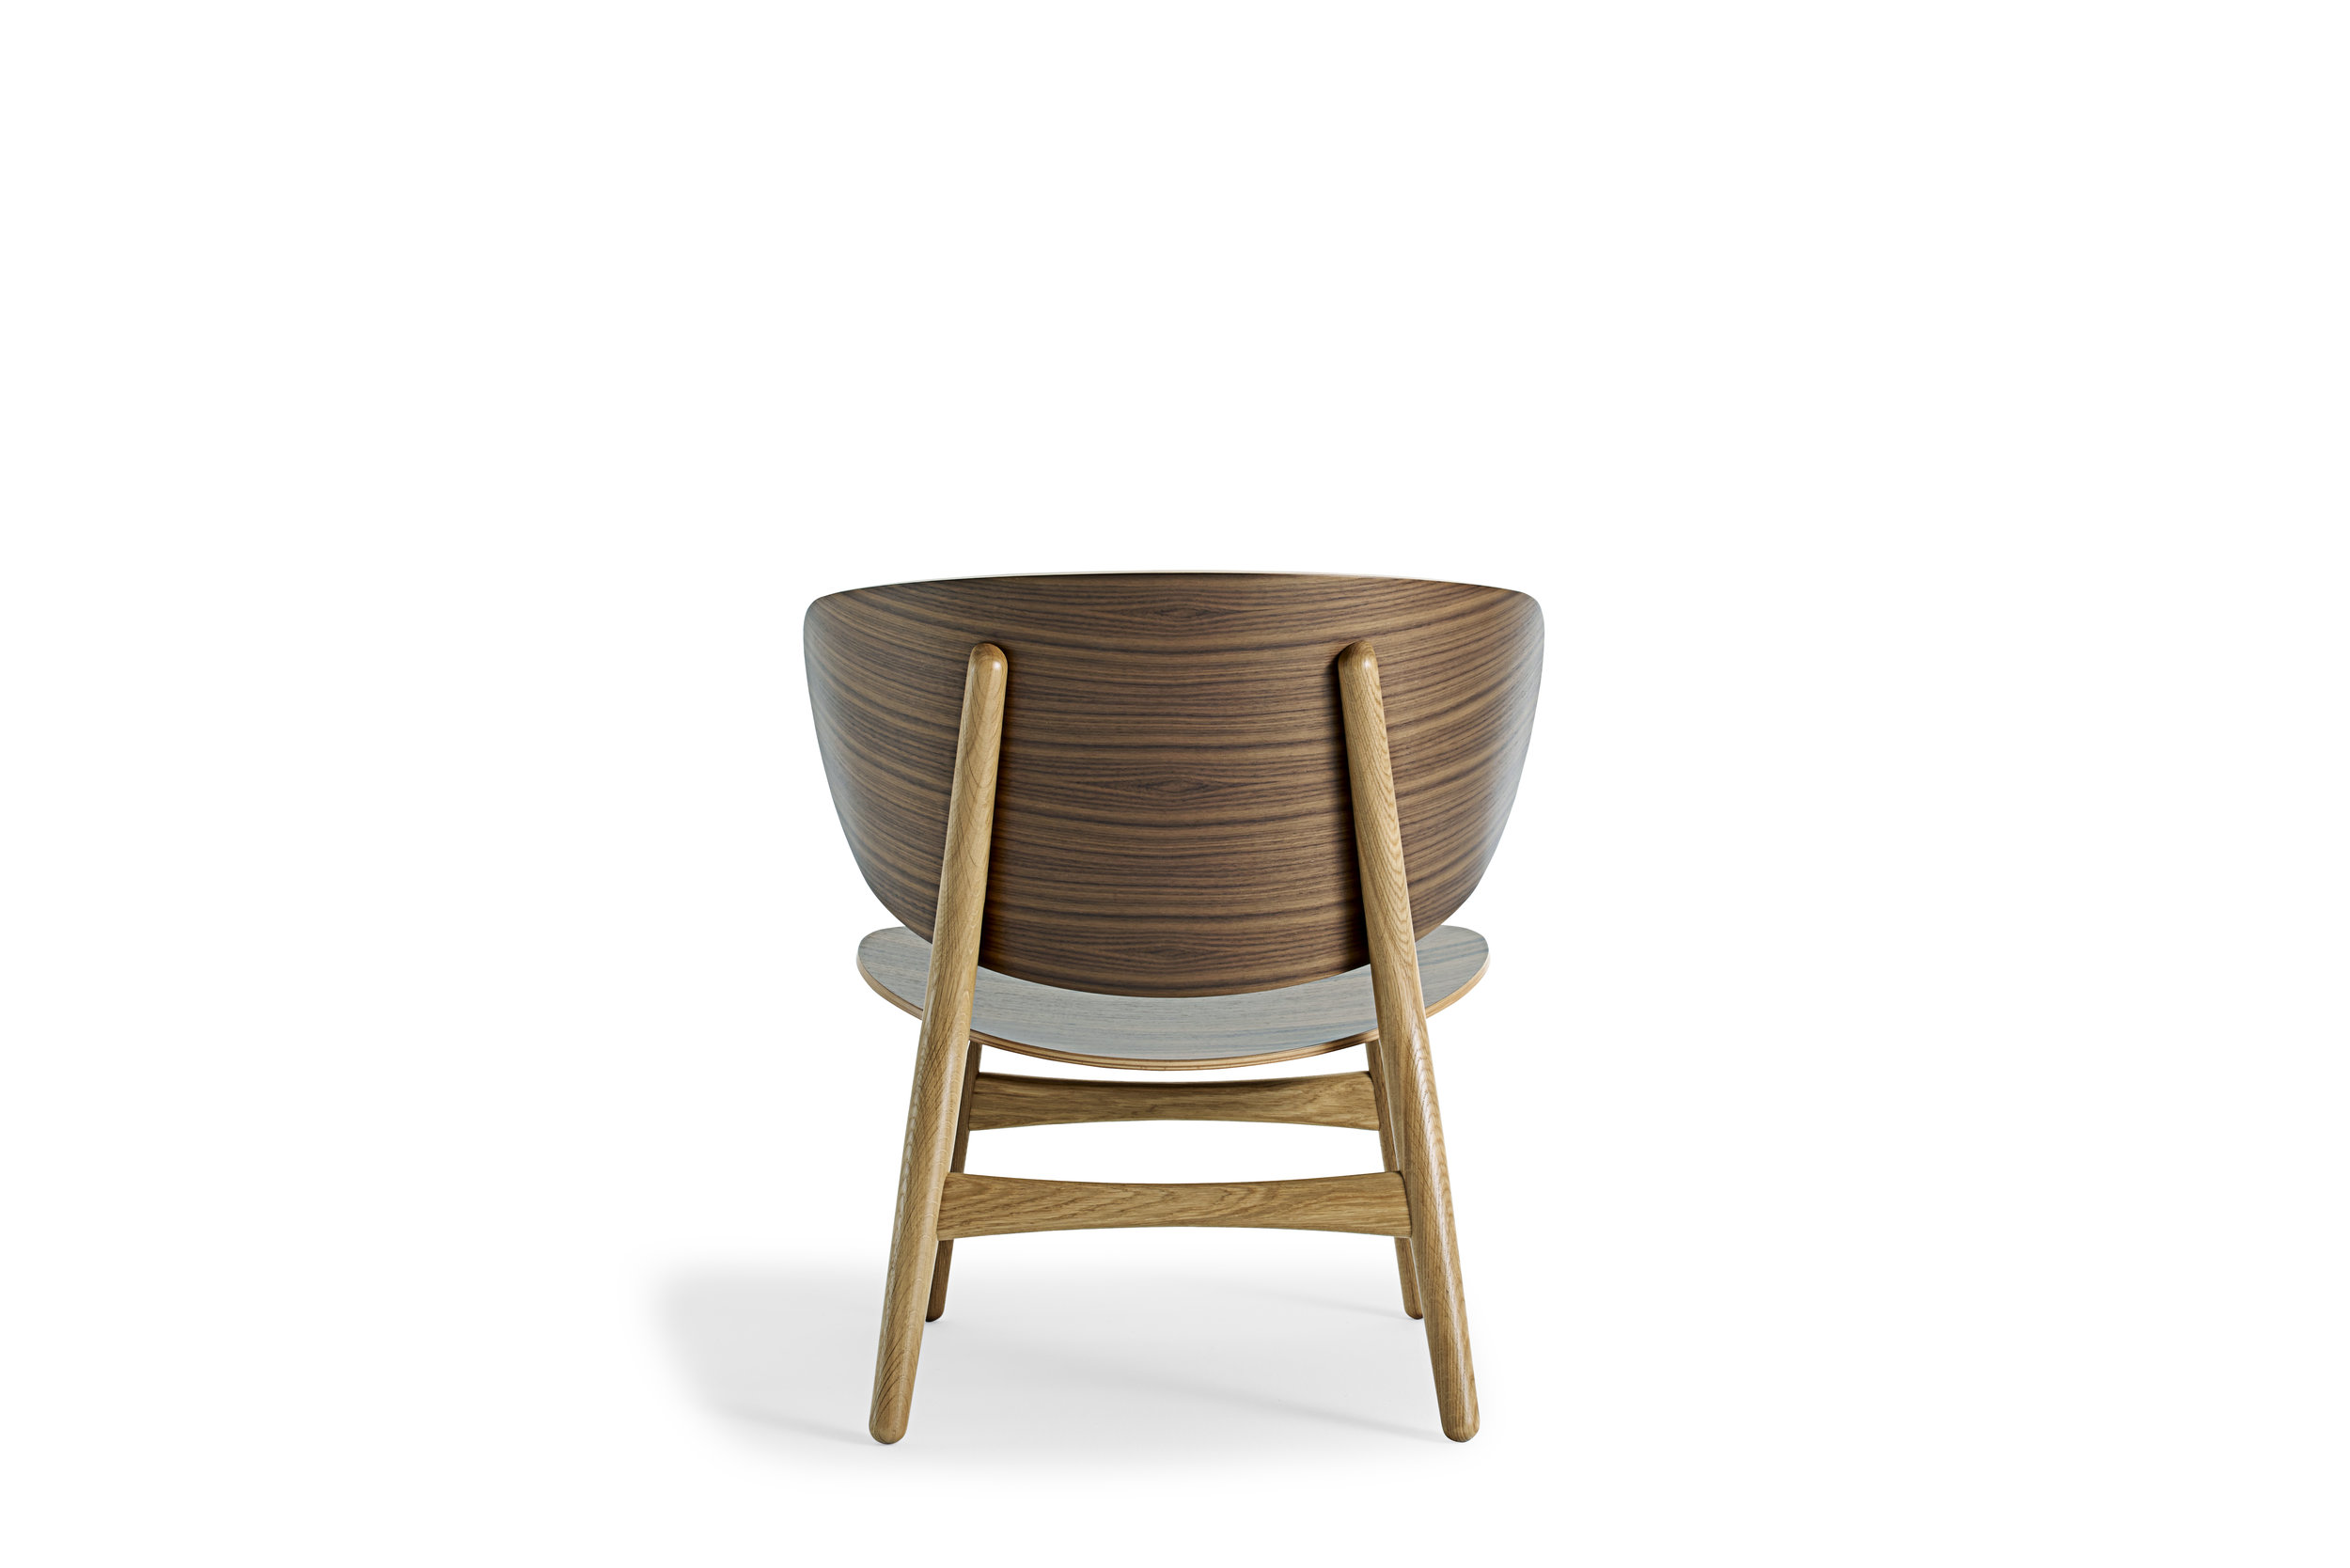 GE1936_GE_1936_Easy_Chair_Hans_Wegner_Getama_Gestalt_Newyork_6.jpg